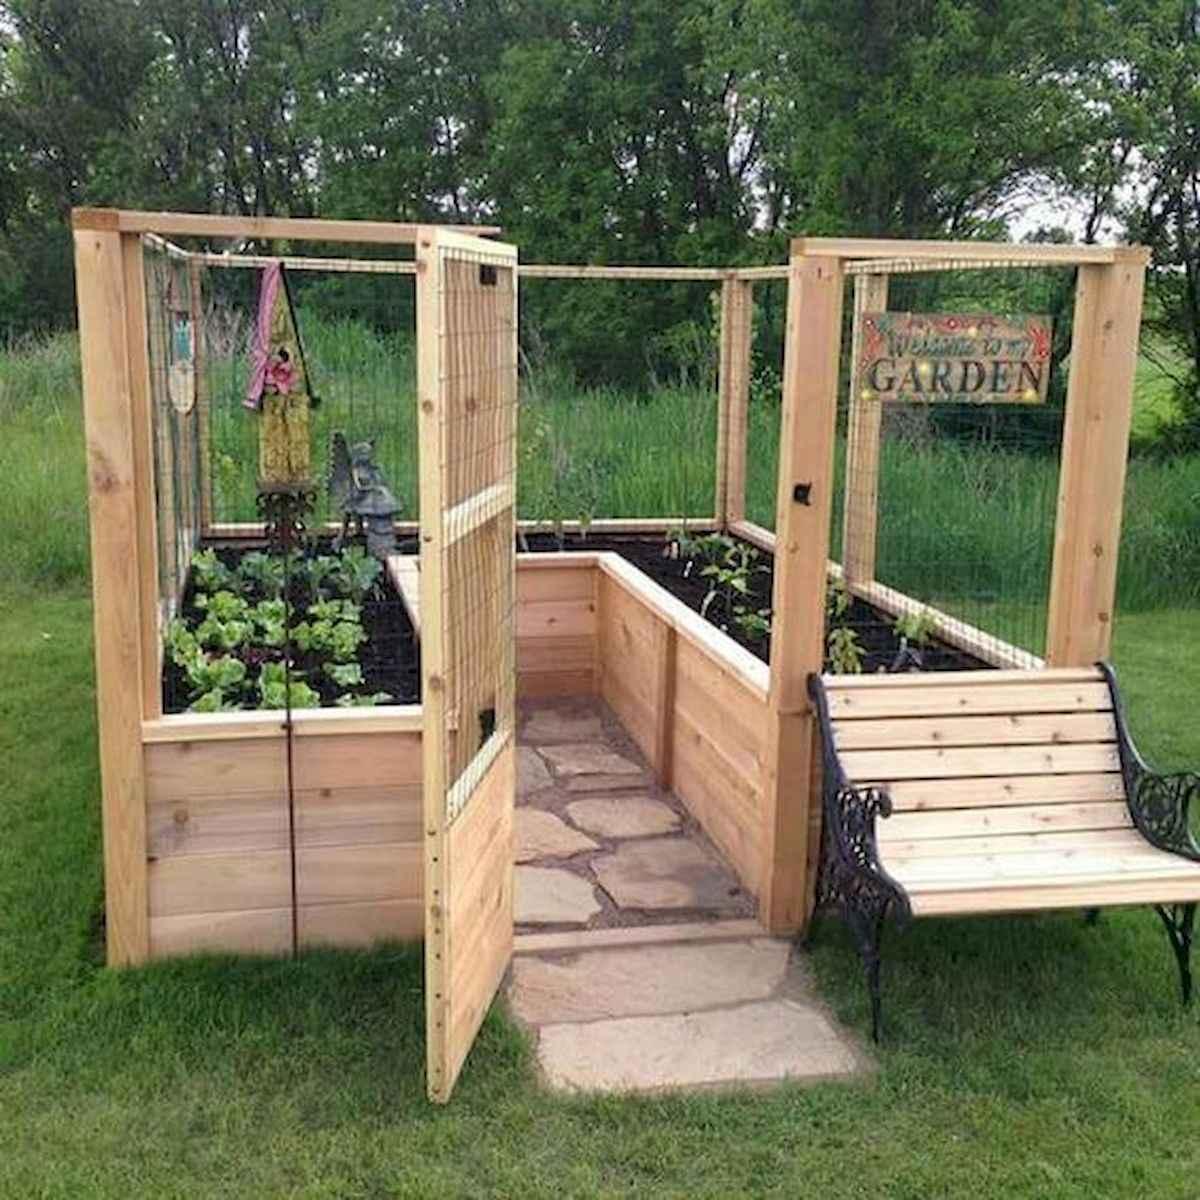 50 Best Garden Beds Design Ideas For Summer (2)